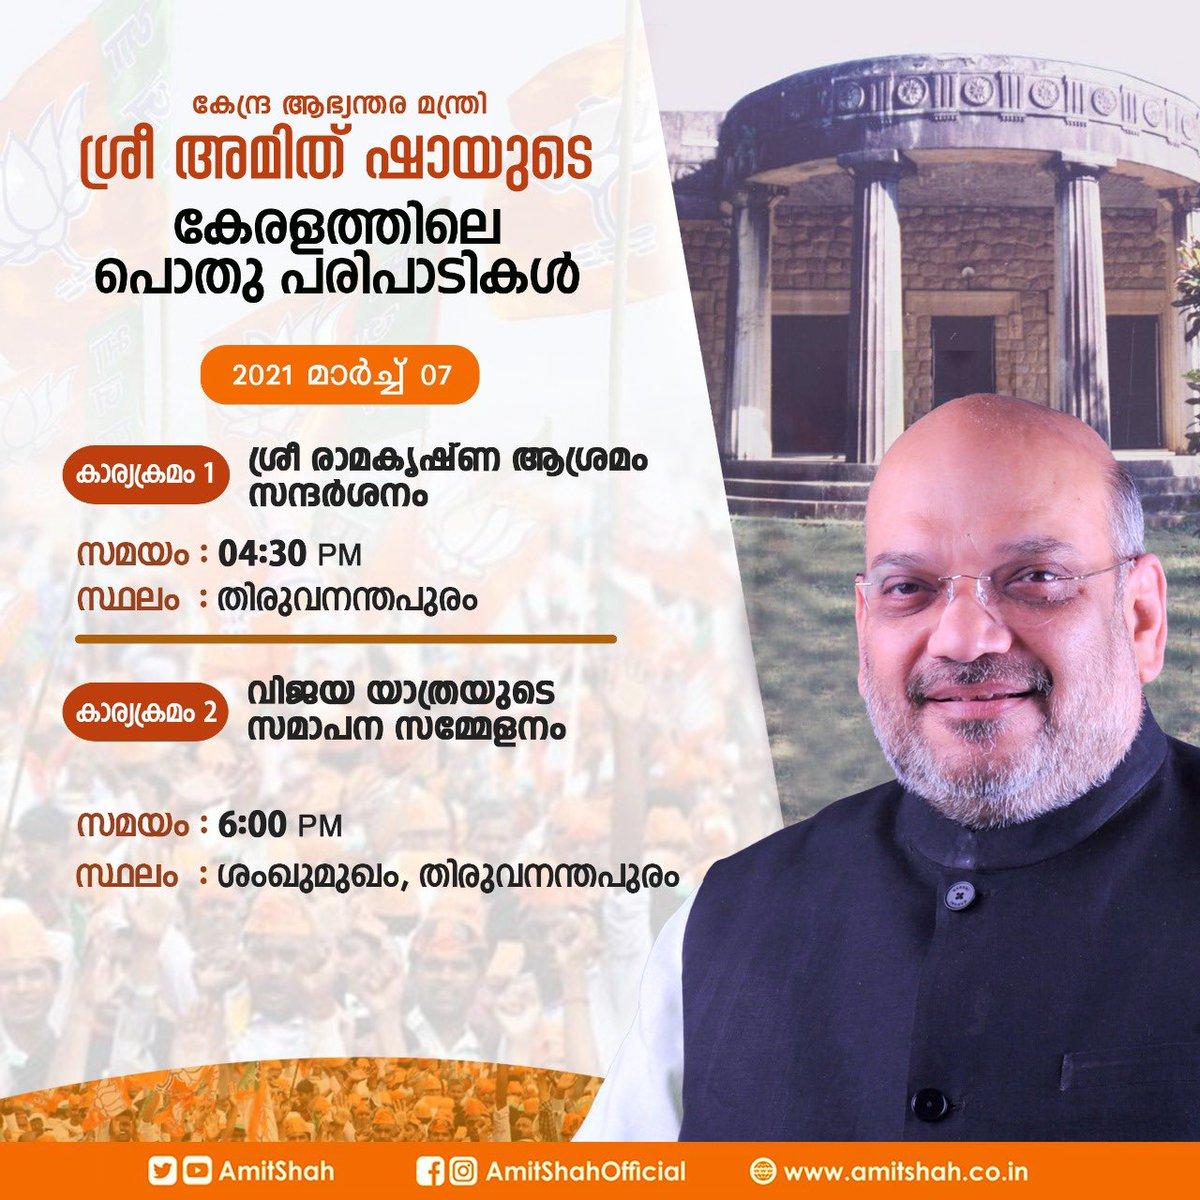 കേന്ദ്ര ആഭ്യന്തരമന്ത്രി ശ്രീ @AmitShah യുടെ നാളെ  2021 മാർച്ച് ഏഴാം തീയതി കേരളത്തിൽ നിശ്ചയിച്ചിരിക്കുന്ന പൊതു പരിപാടികൾ.  Schedule of public programs of Union Home Minister, Shri @AmitShah in Kerala tomorrow 7th March 2021.